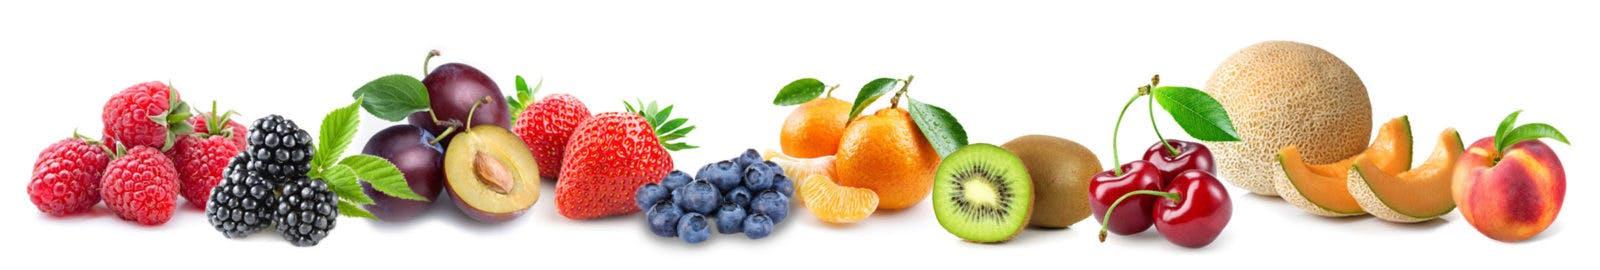 Top 10 low-carb fruits